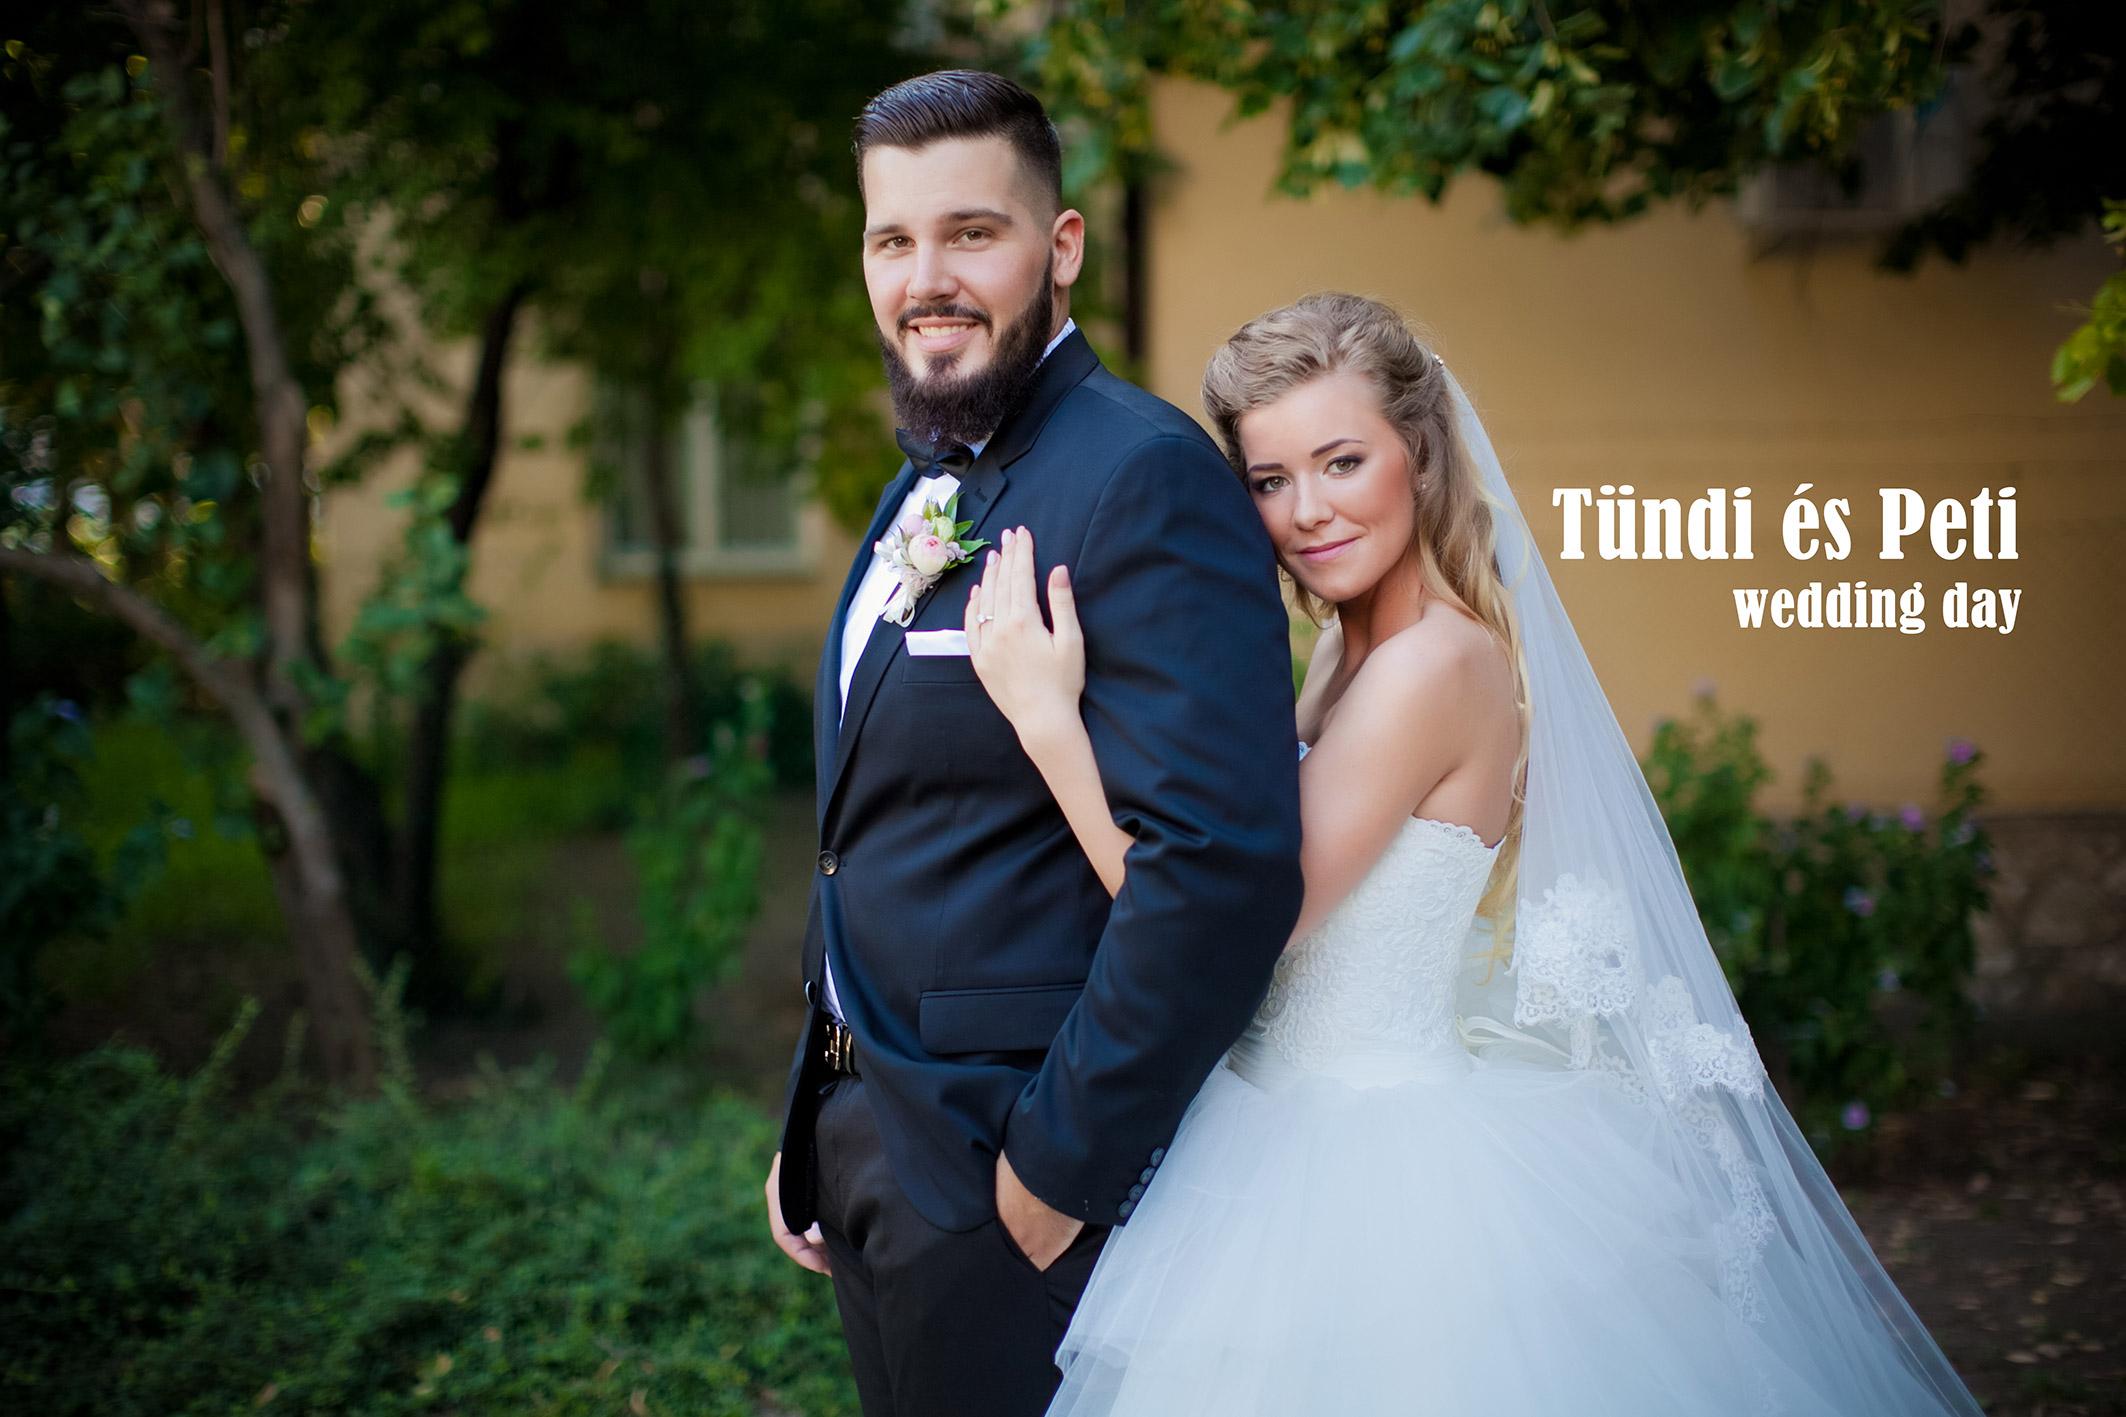 Tündi és Peti